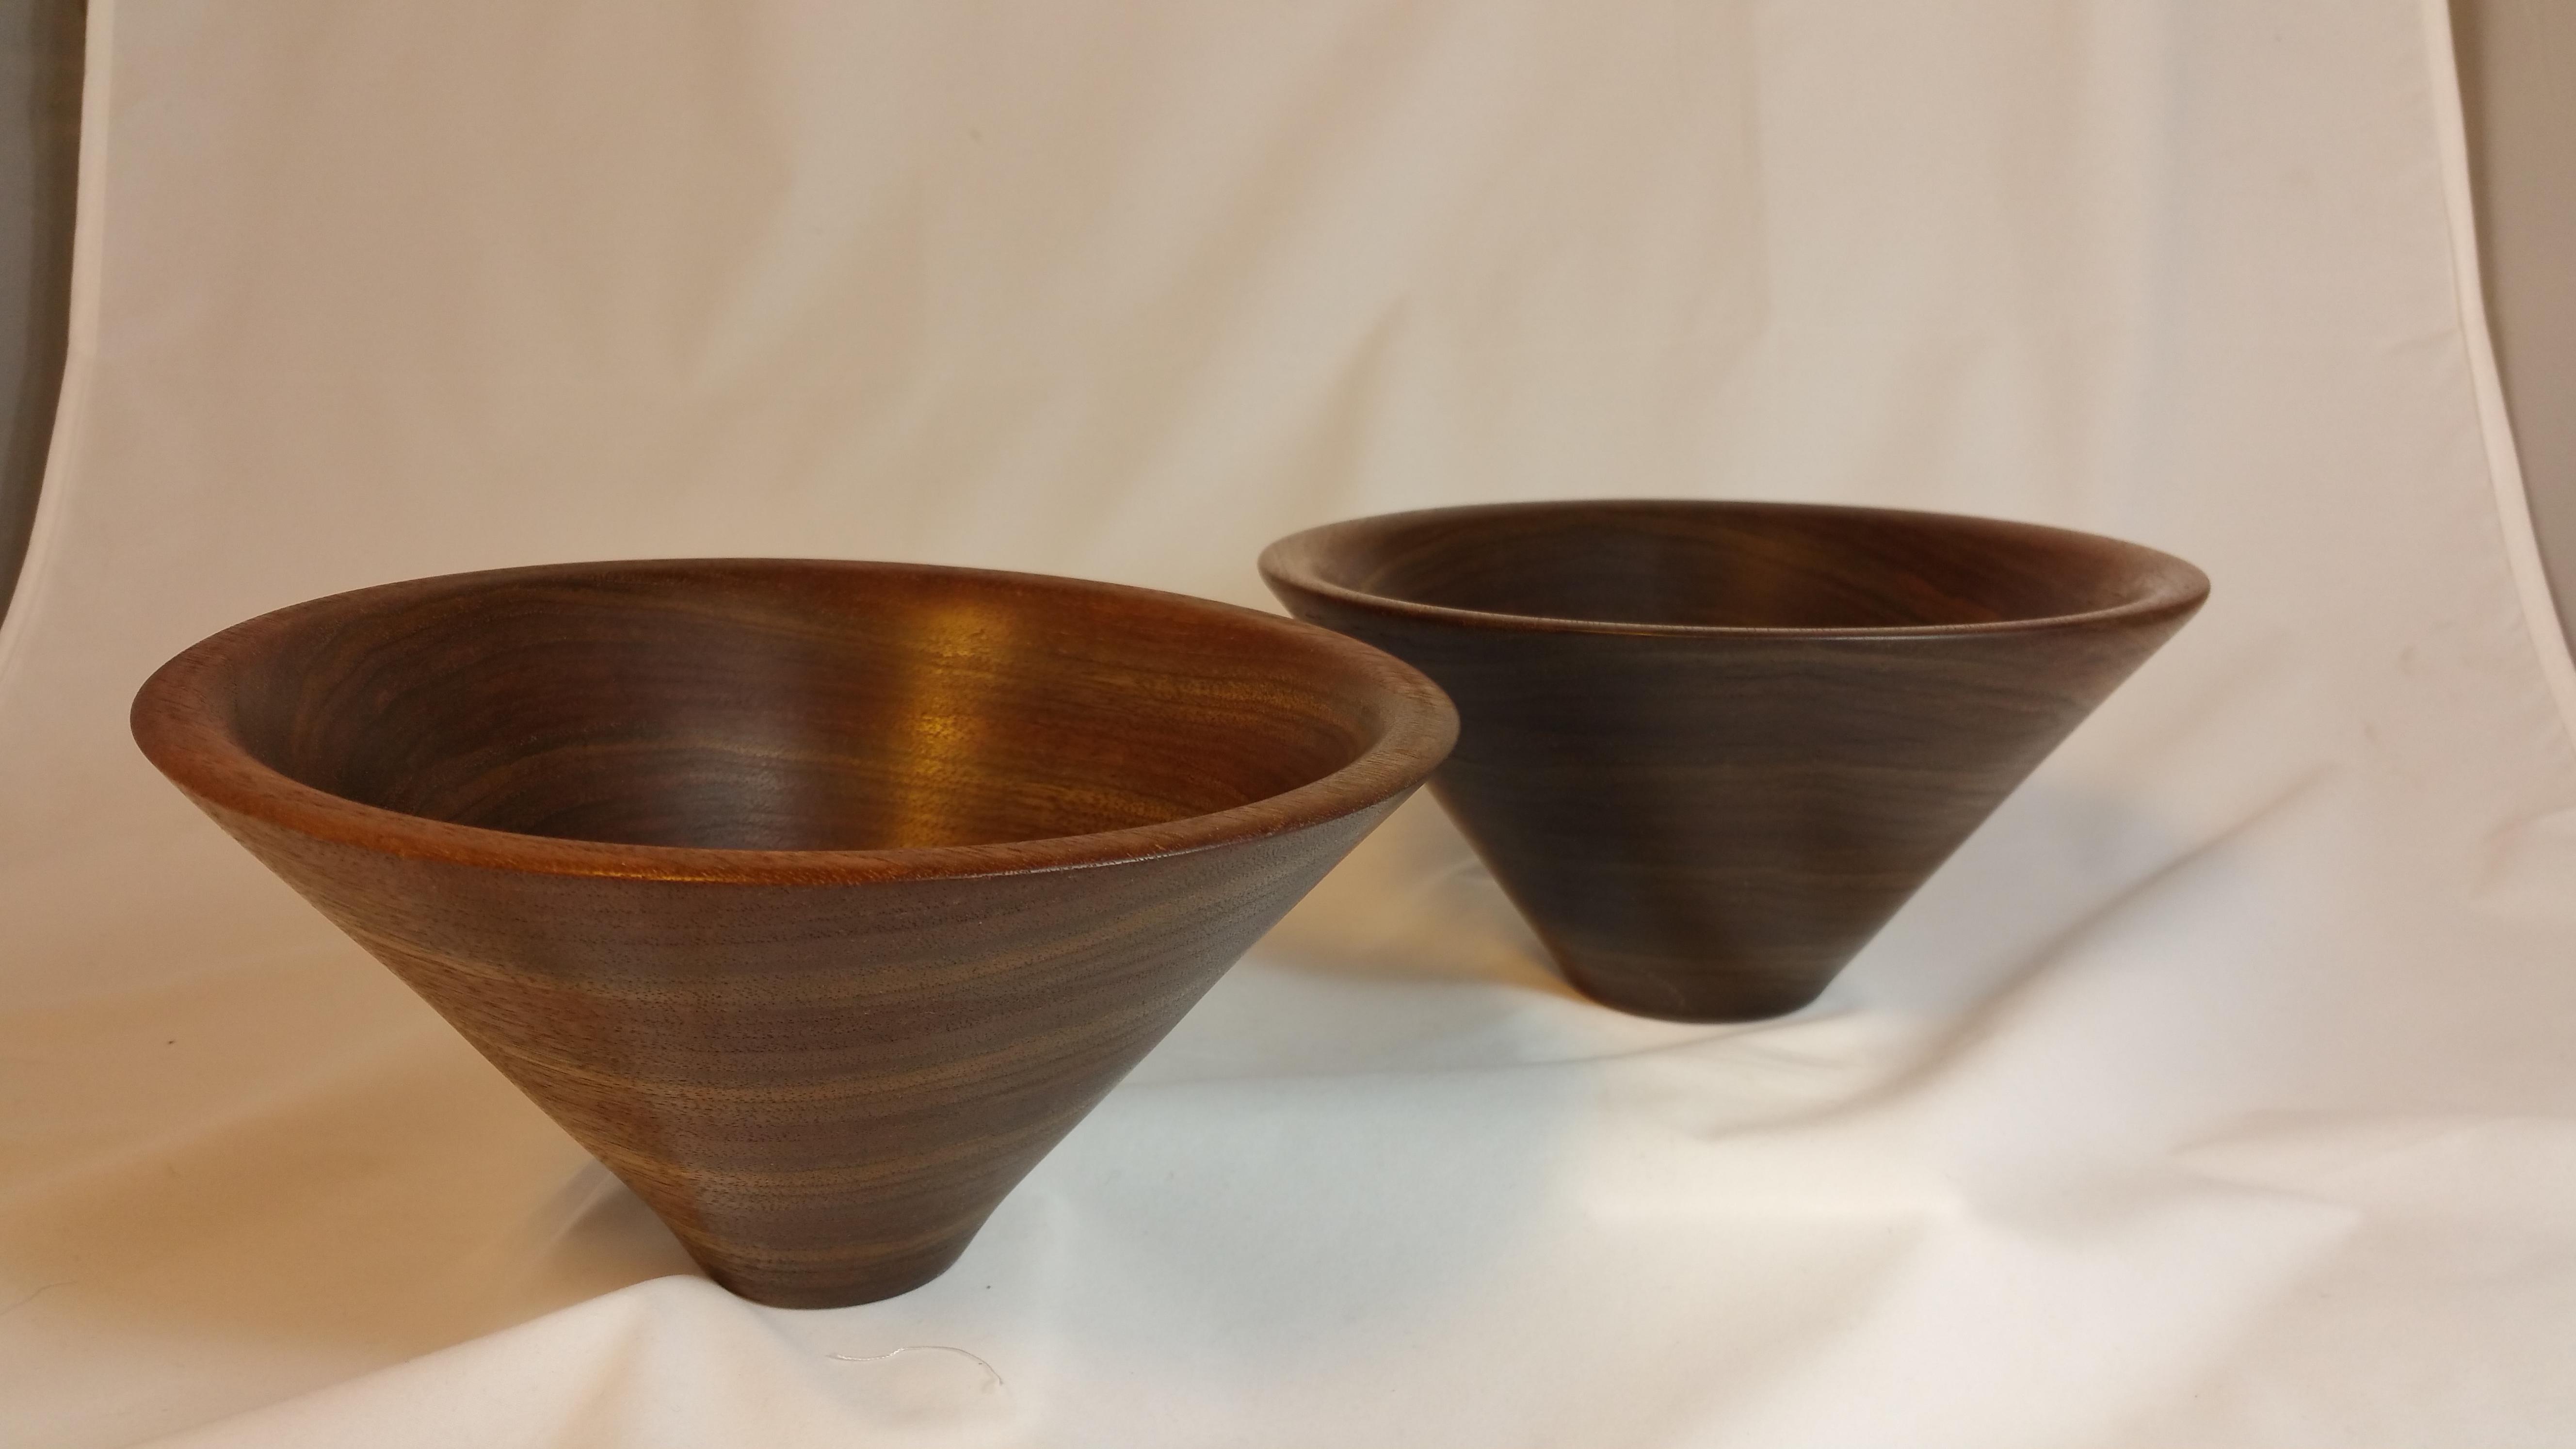 Walnut Bowls - Two Ways